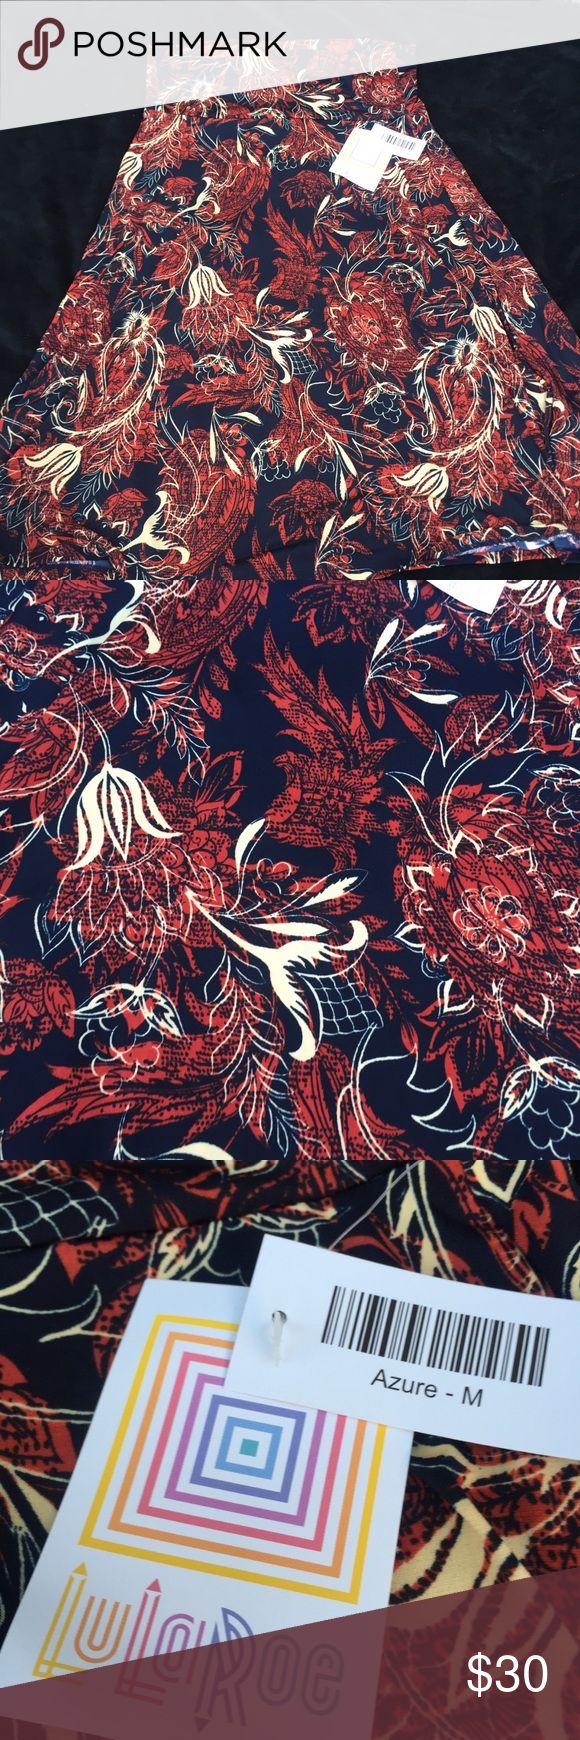 NWT Lularoe Azure Size Medium NWT Lularoe Azure Size Medium LuLaRoe Skirts